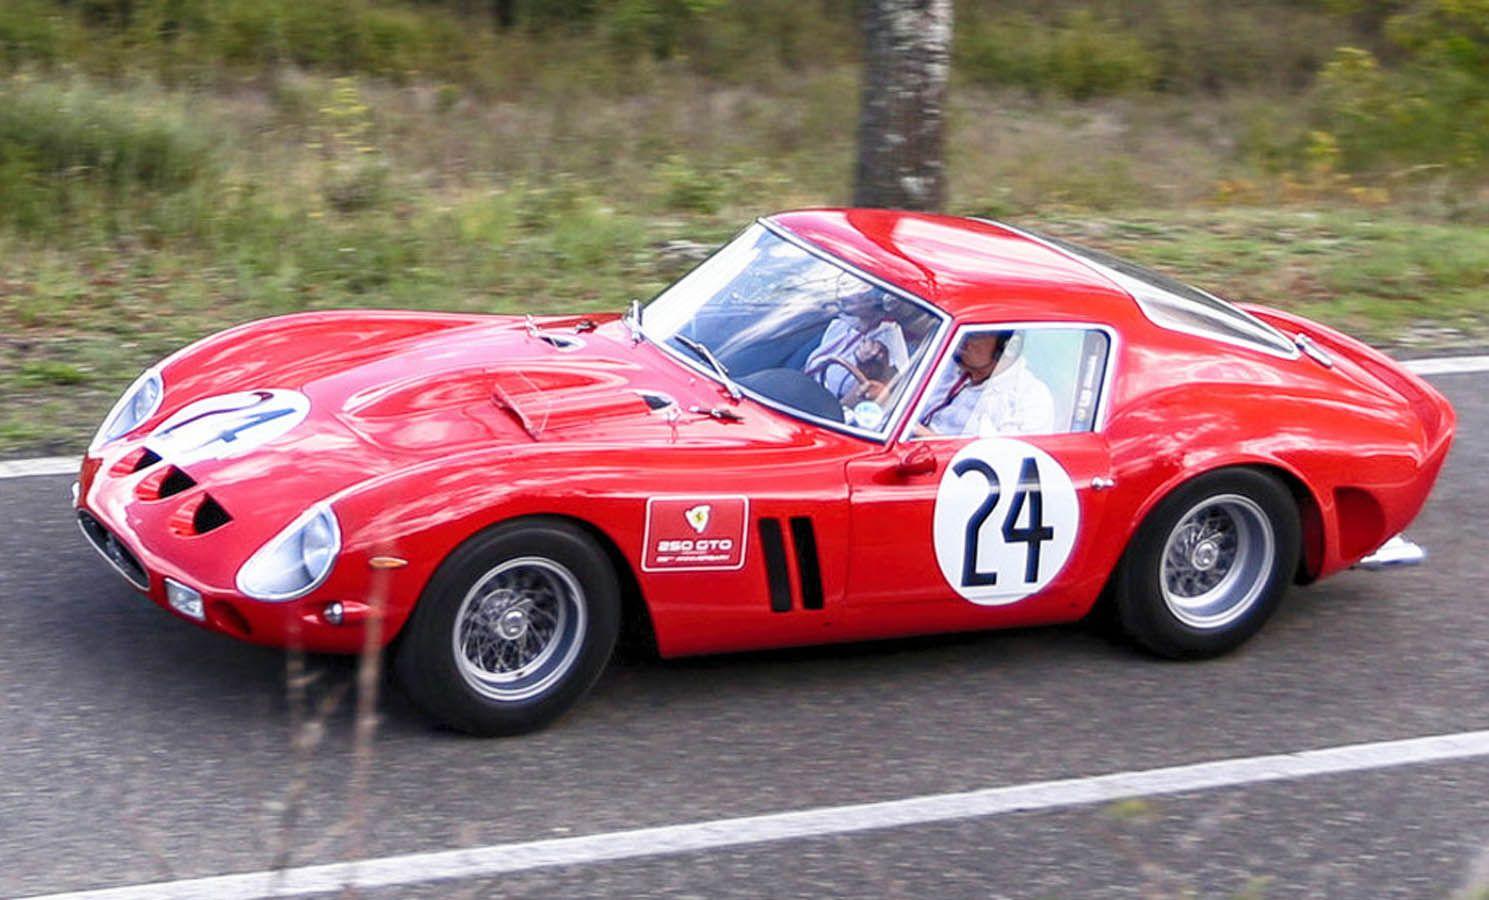 فيراري 250 جي تي او الاسطورية أغلى سيارة في العالم والتاريخ بسعر 80 مليون دولار موقع ويلز Ferrari New Ferrari The Originals